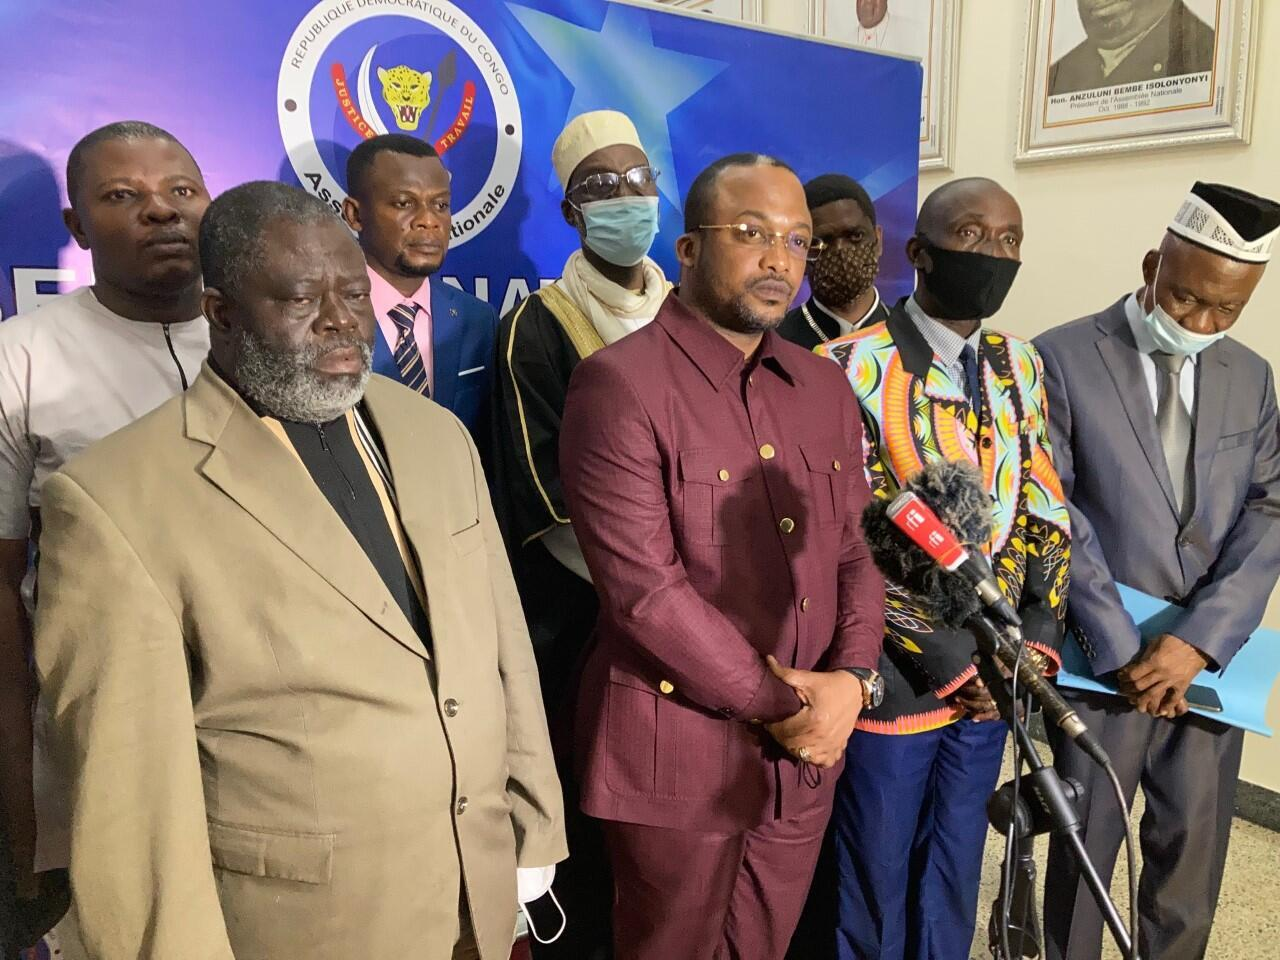 RDC confessions religieuses  rapport désccors choix président Céni pasteur Dodo Kamba